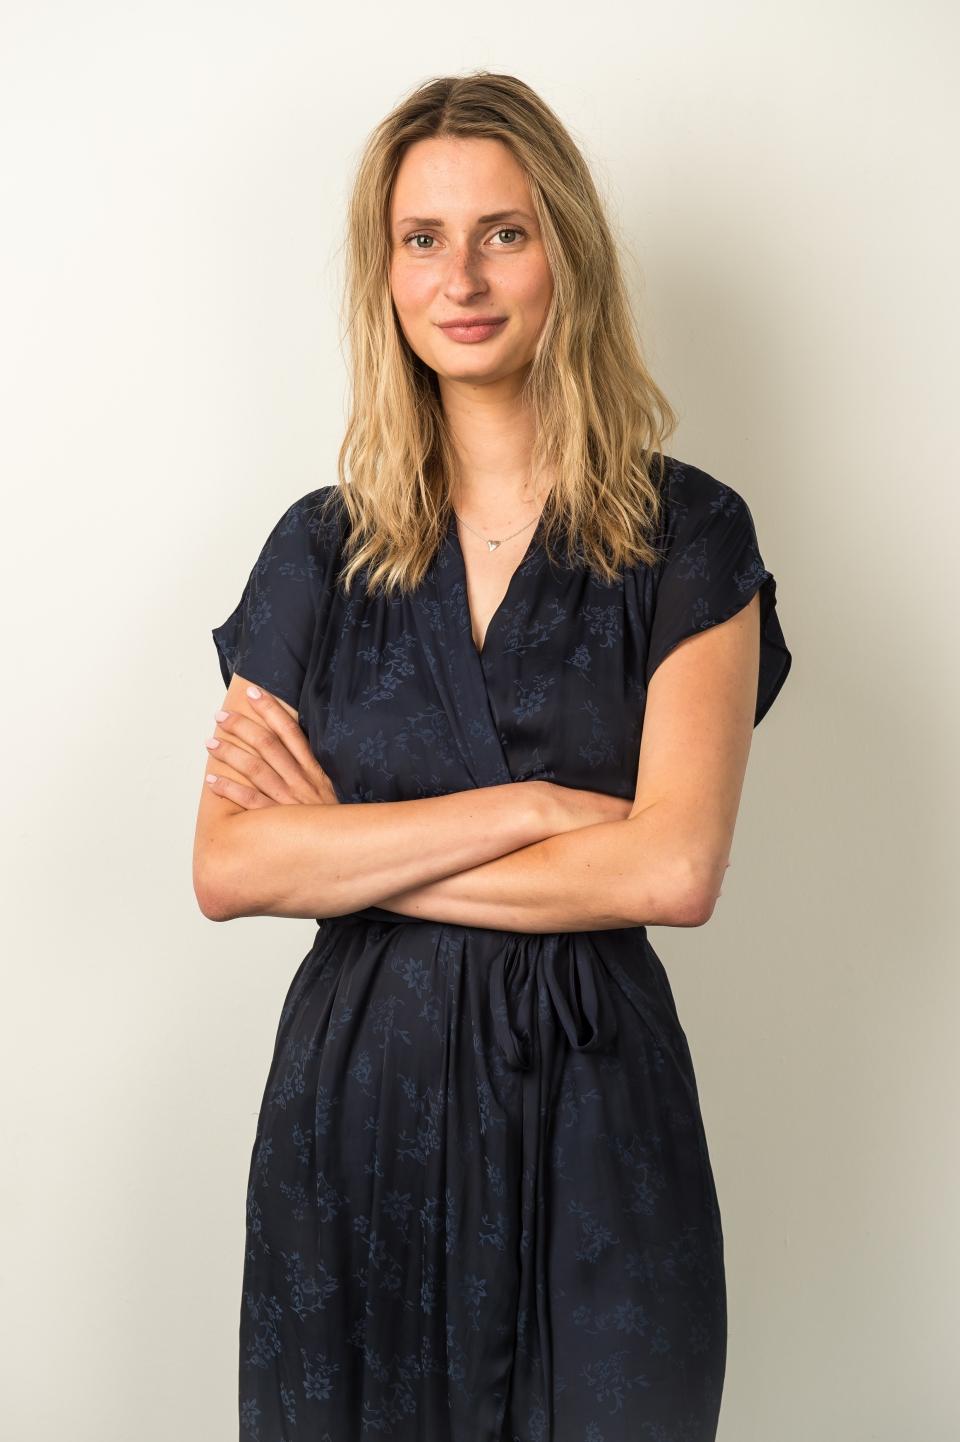 Astrid Vereycken